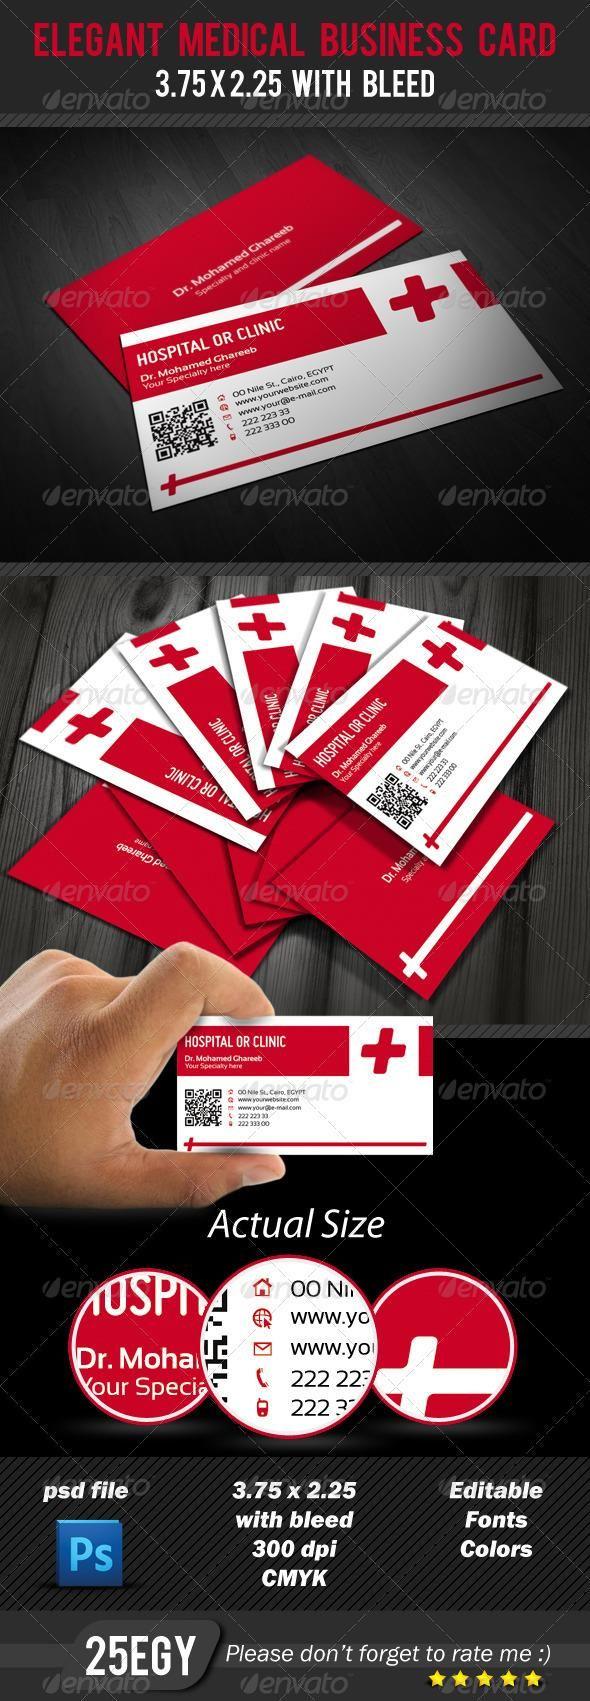 Elegant Medical Business Card Medical Business Card Medical Business Business Cards